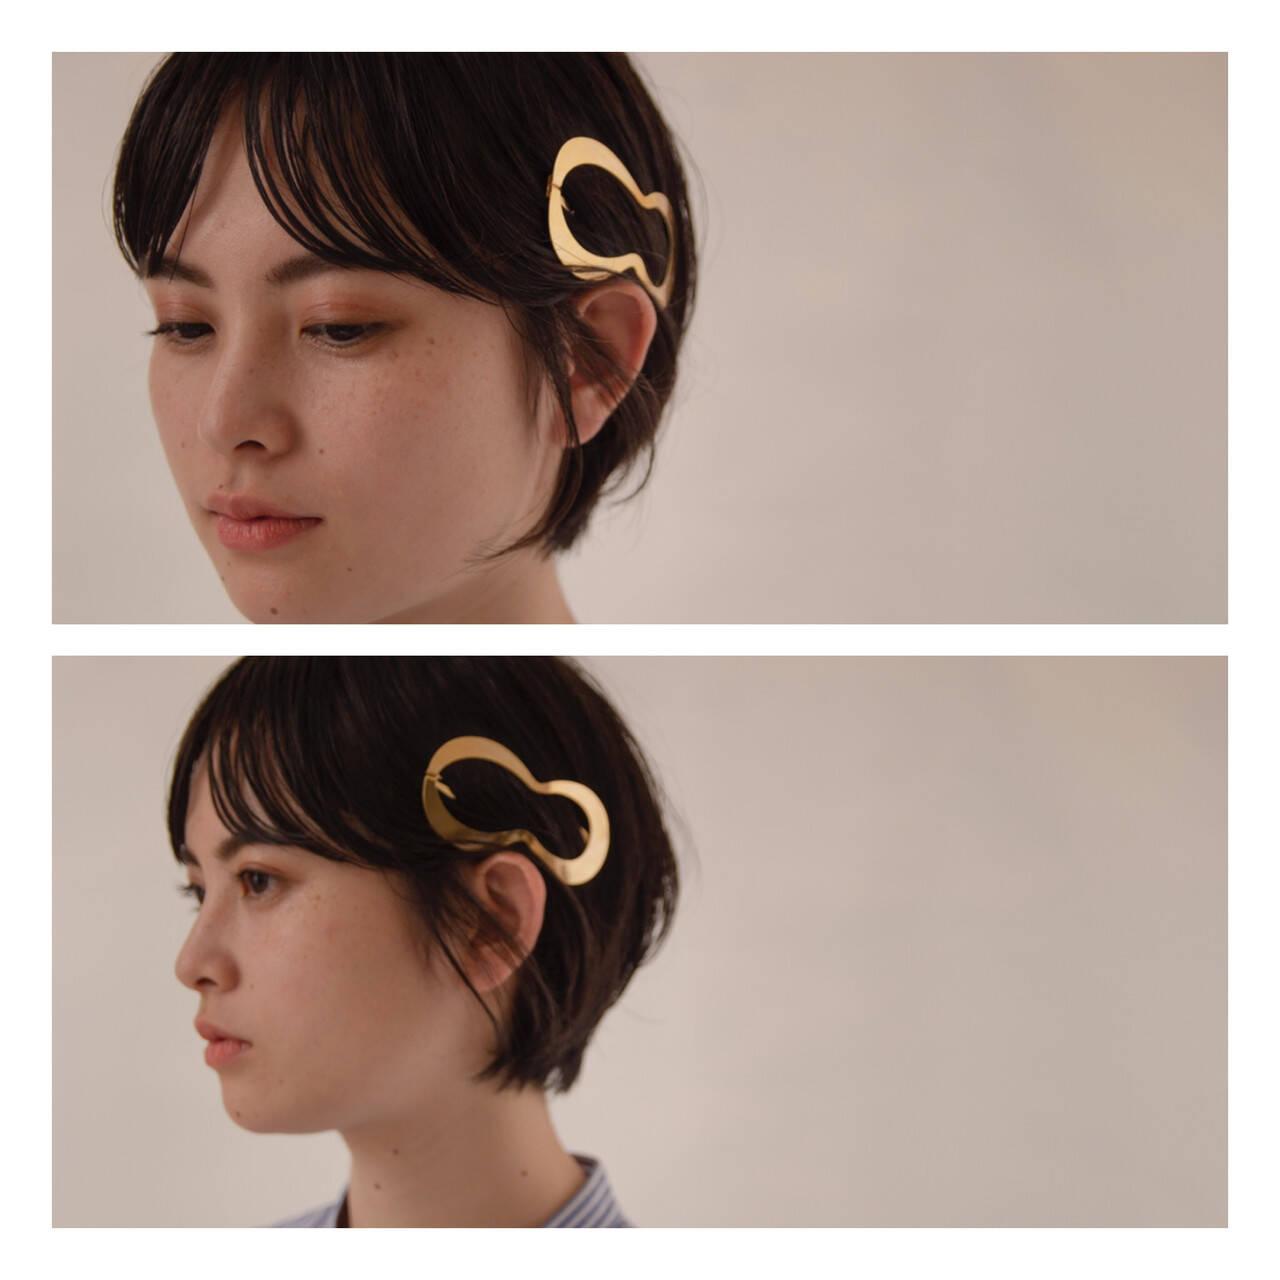 小顔ショート ワンカールパーマ ナチュラル ショートボブヘアスタイルや髪型の写真・画像